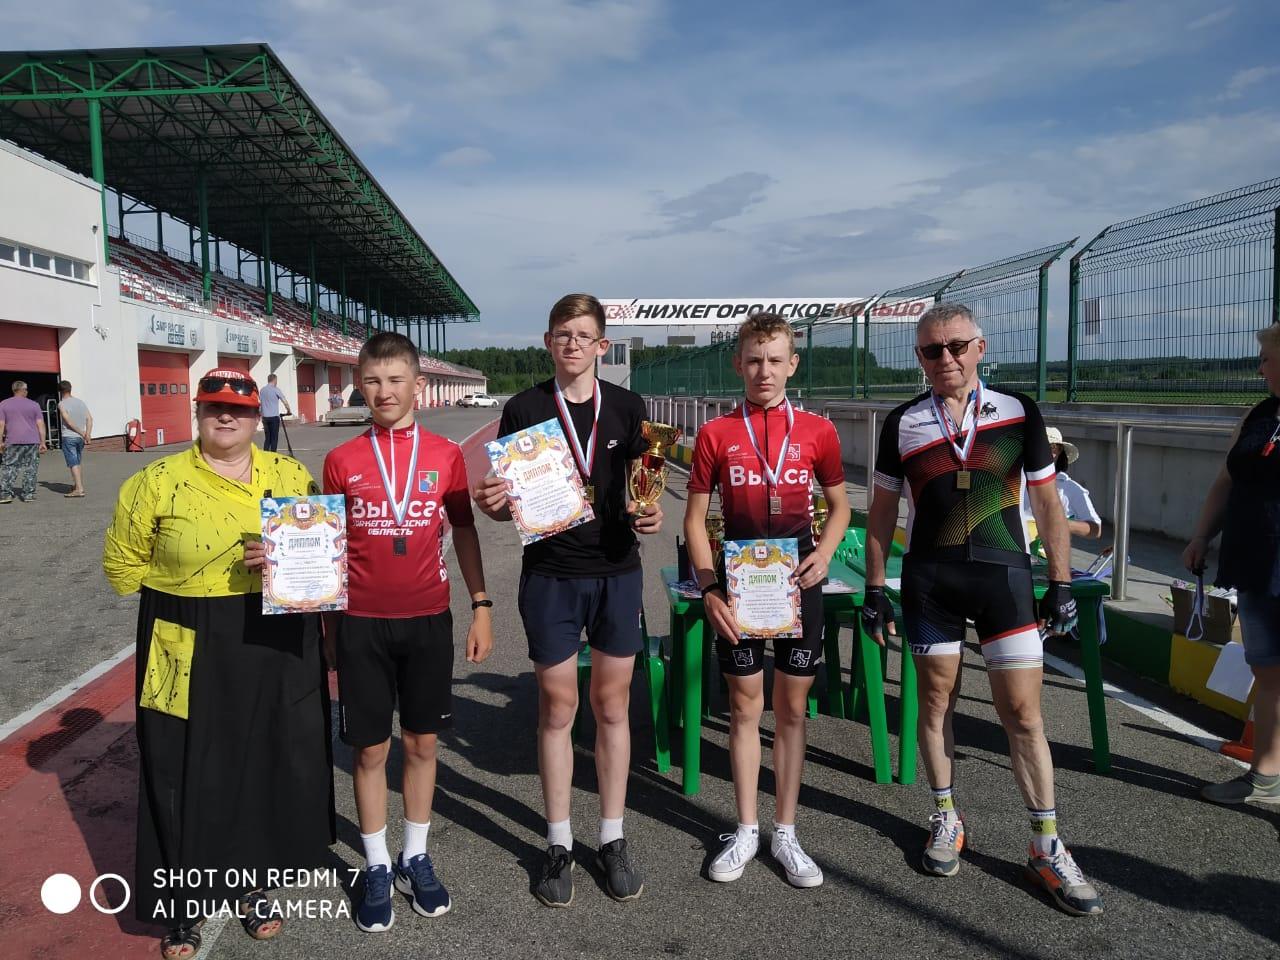 Велосипедисты из Выксы достойно выступили на соревнованиях